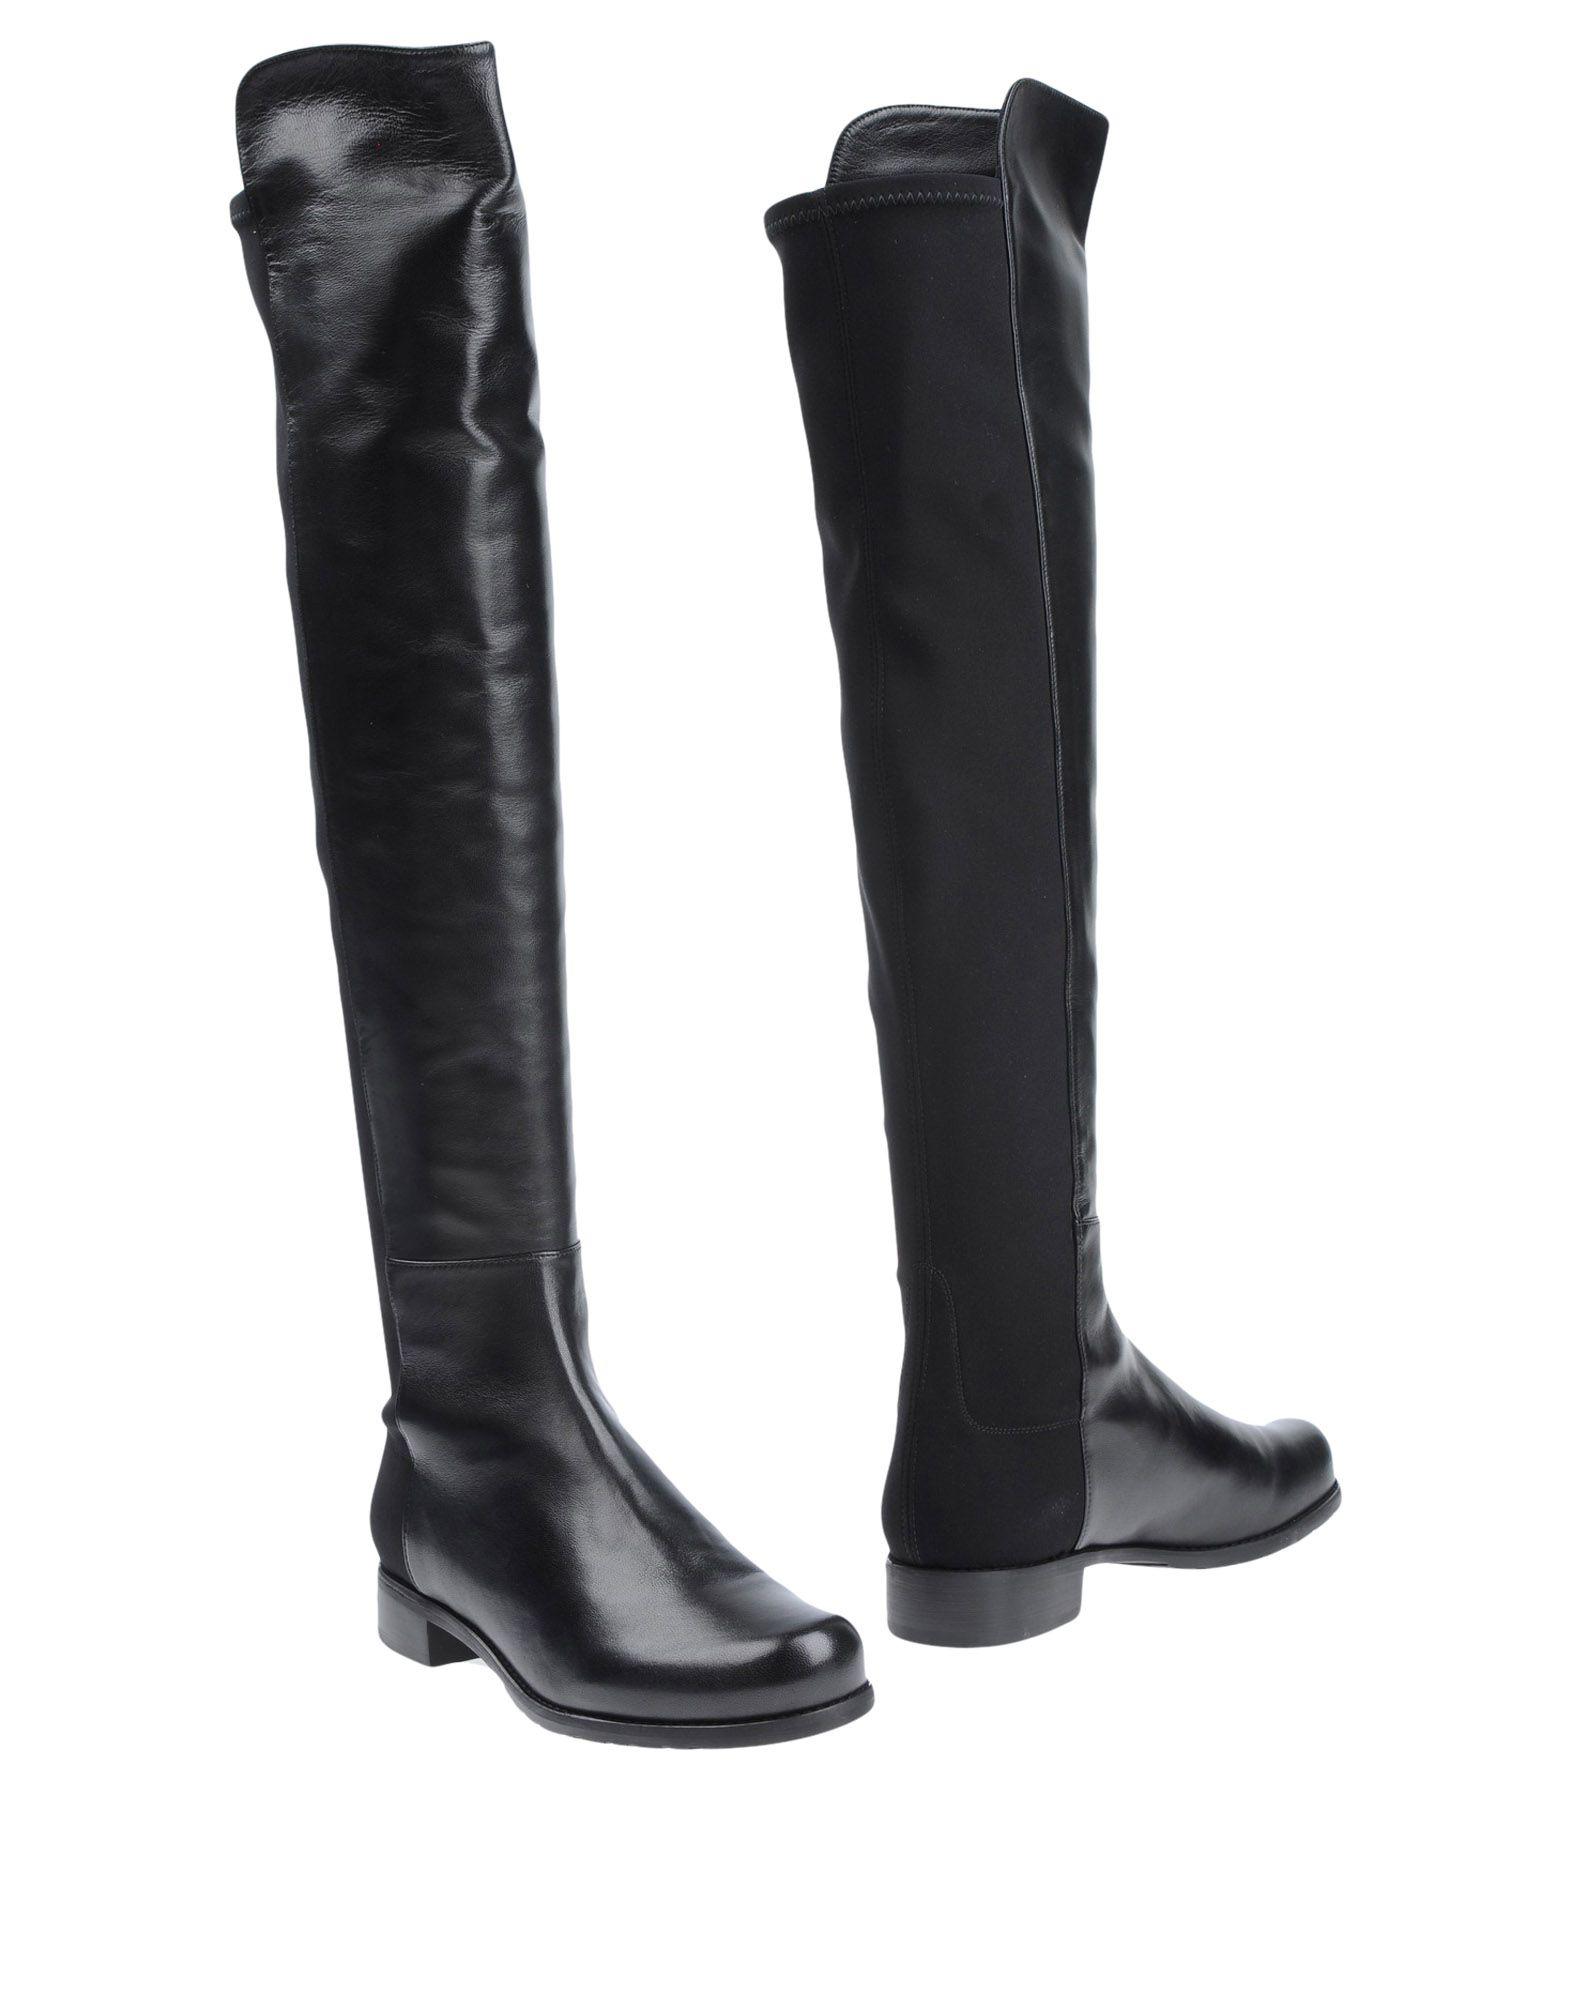 Stuart Weitzman Stiefel gut Damen  11340895LNGünstige gut Stiefel aussehende Schuhe 186d85